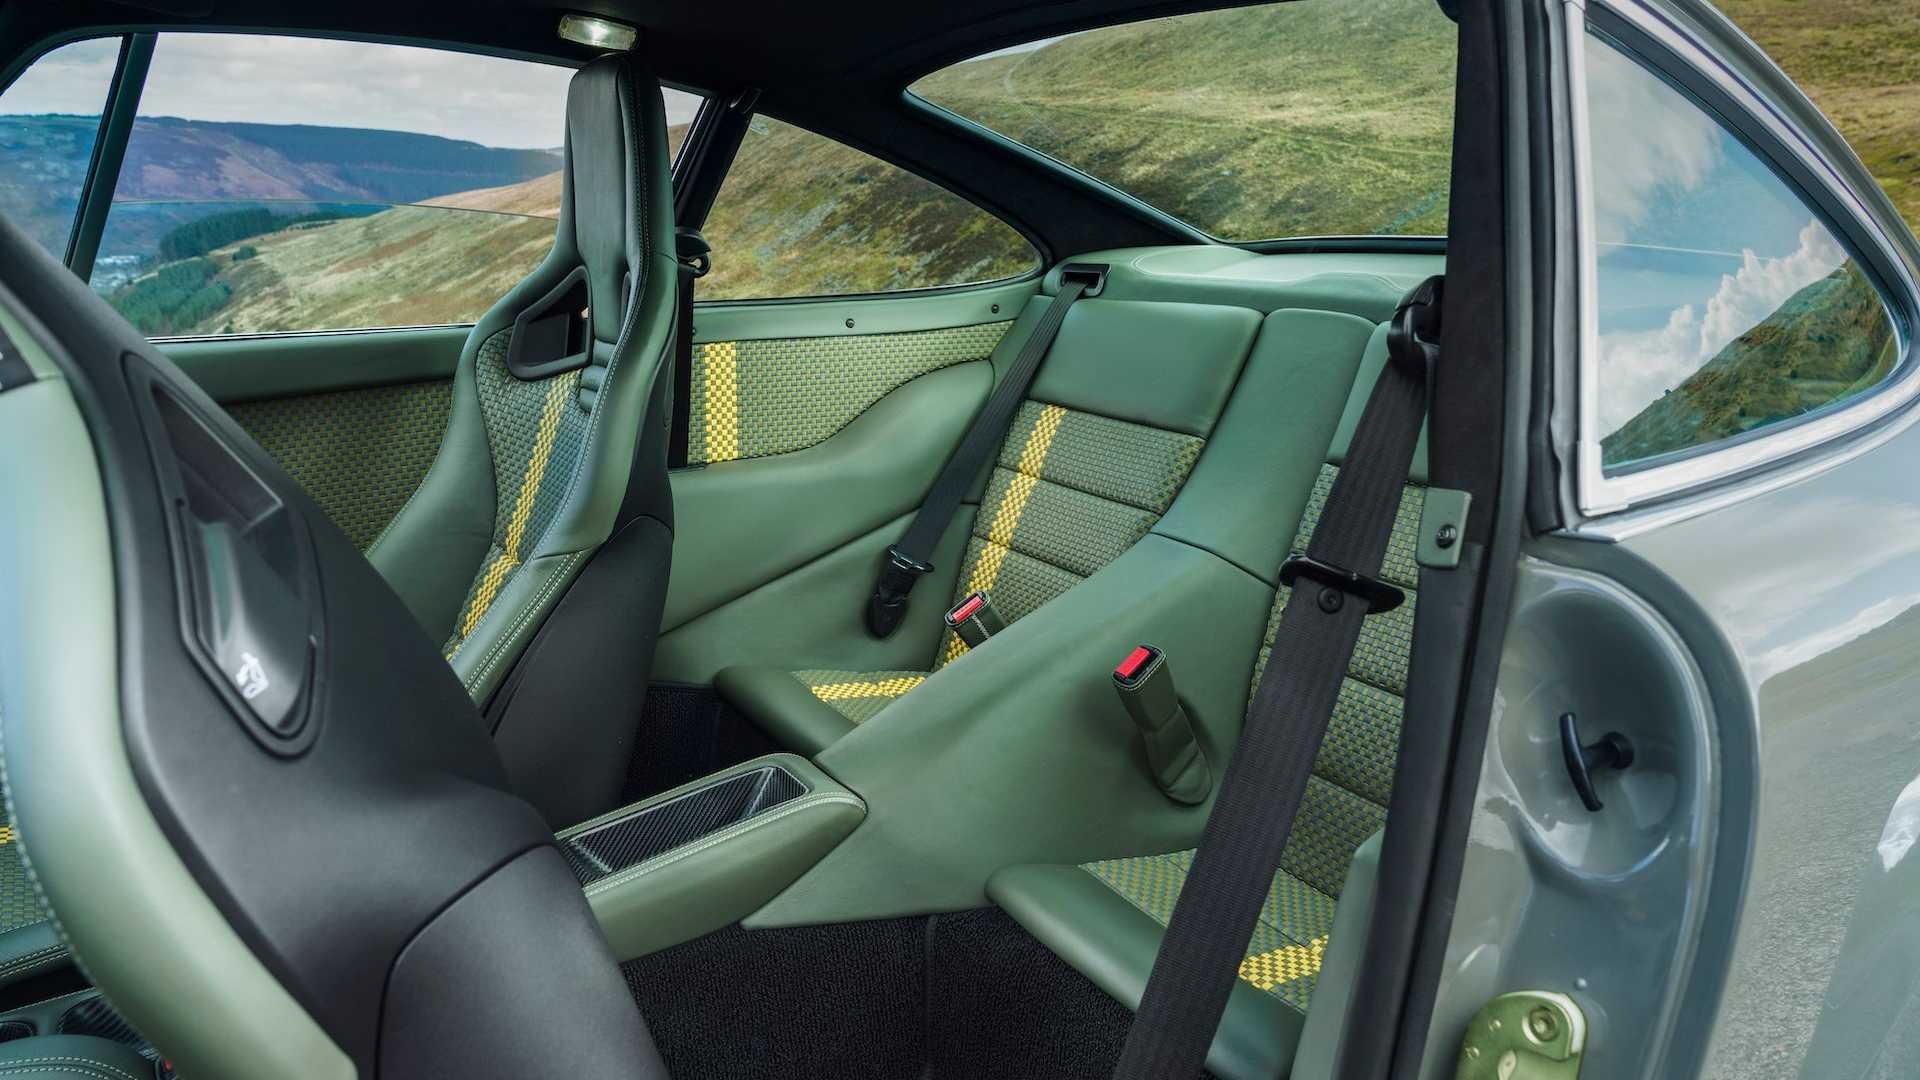 Theon-Design-HK002-Porsche-911-55